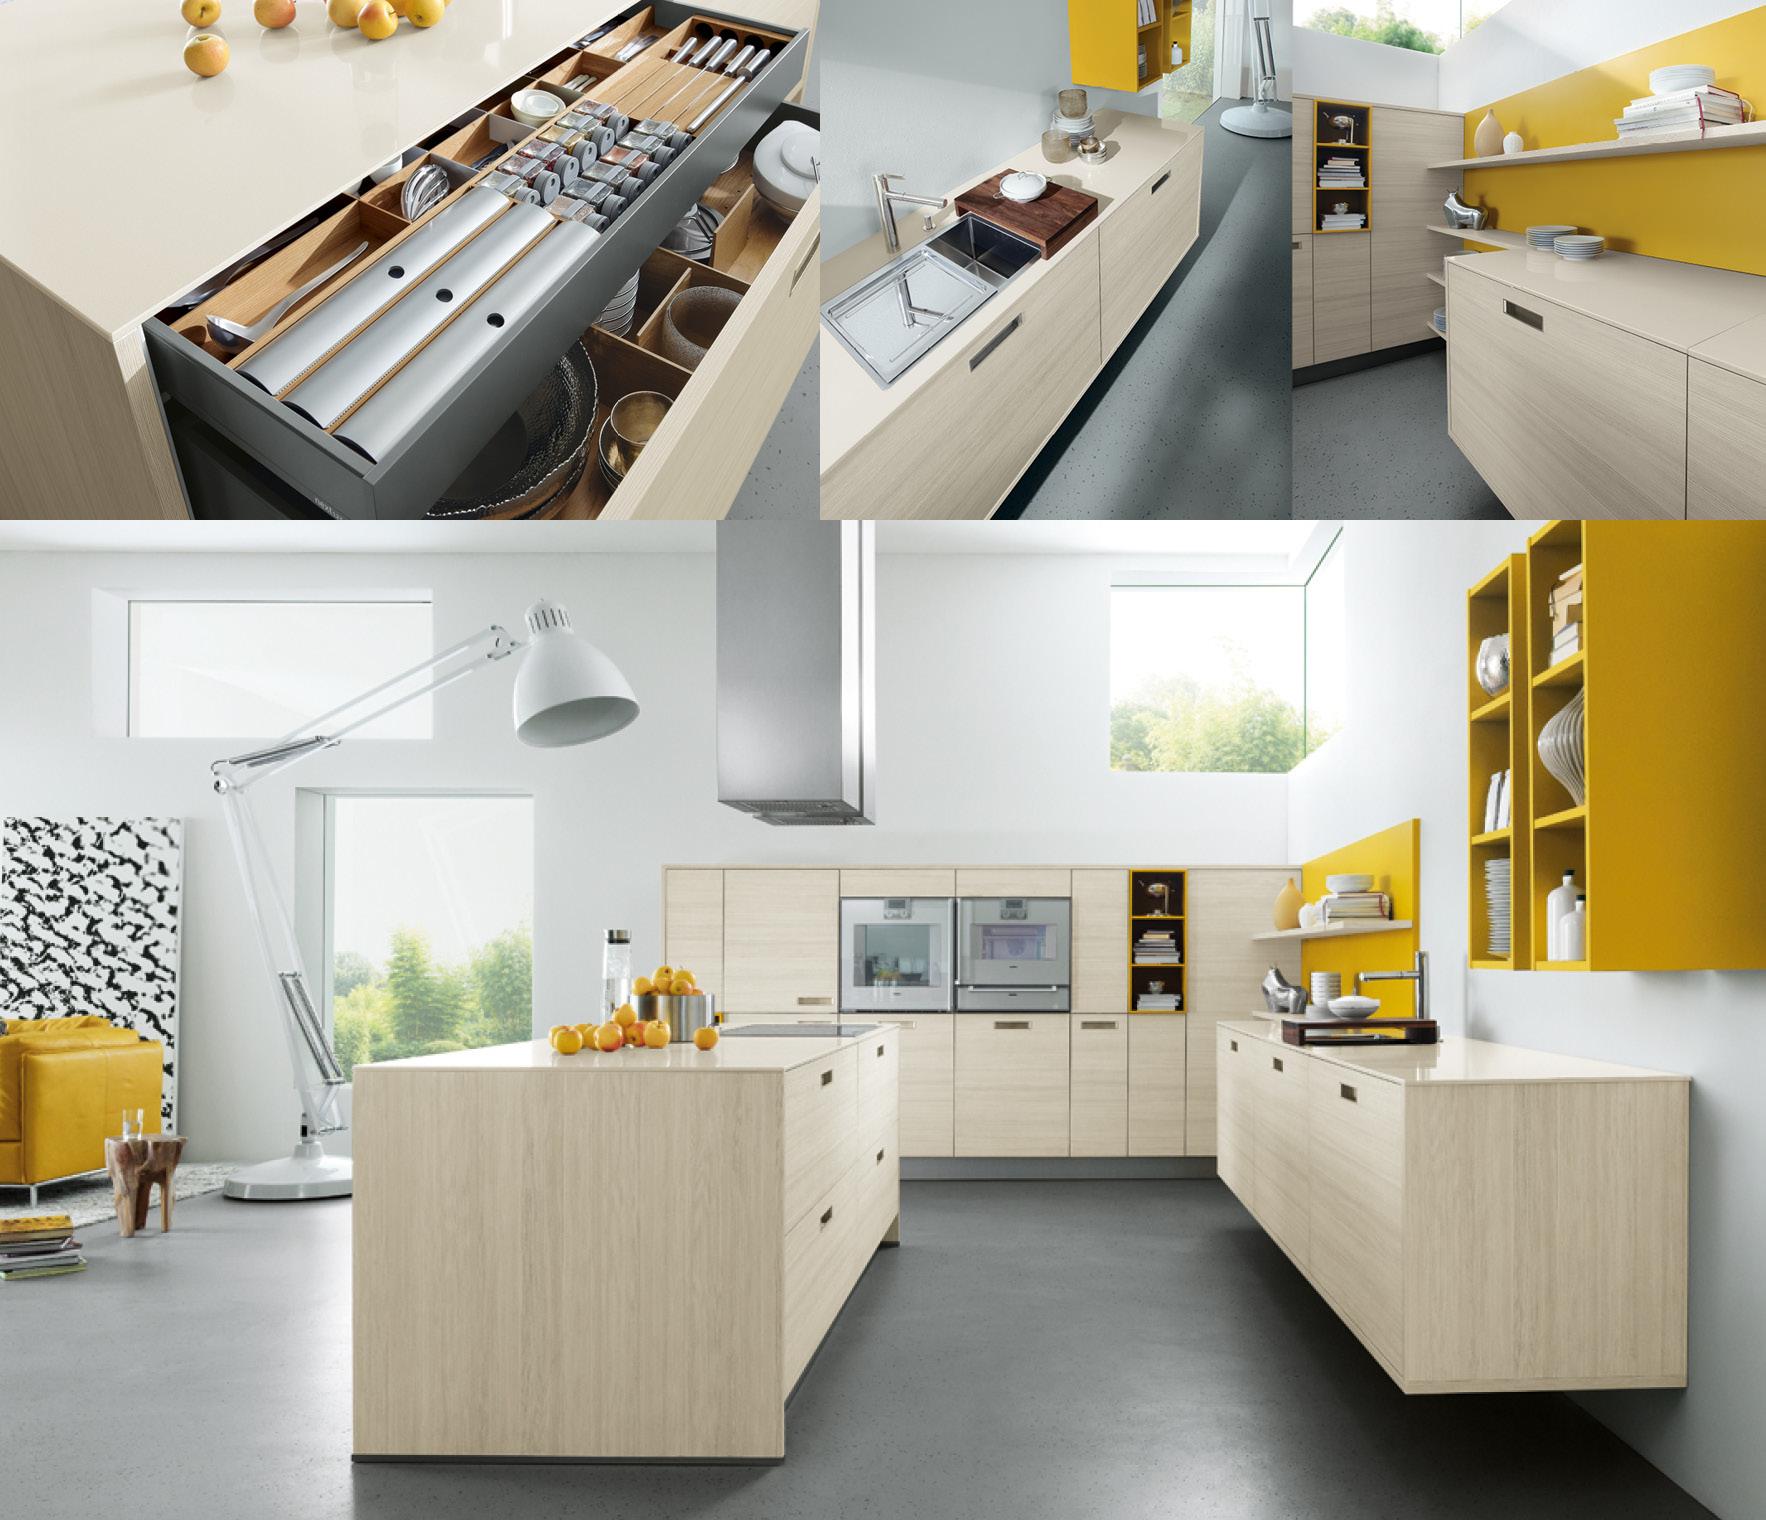 Kuchen Design Karl Russ Hallstadt Jaso Kuchenstudio Emmendingen